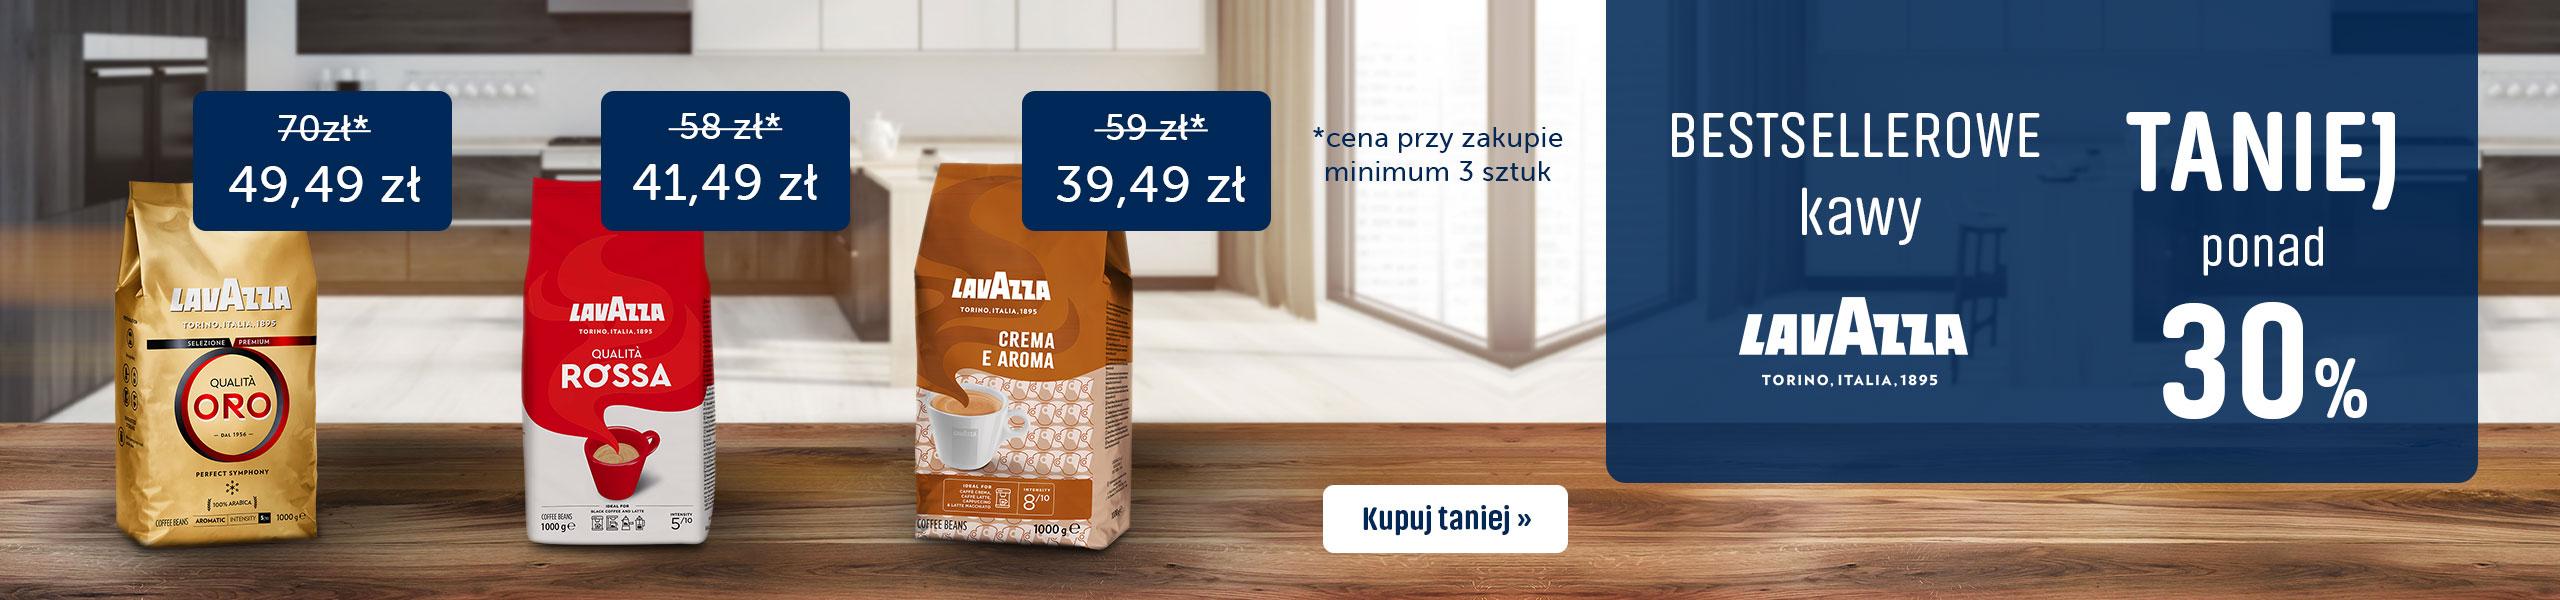 Bestsellerowe kawy Lavazza 30% Taniej